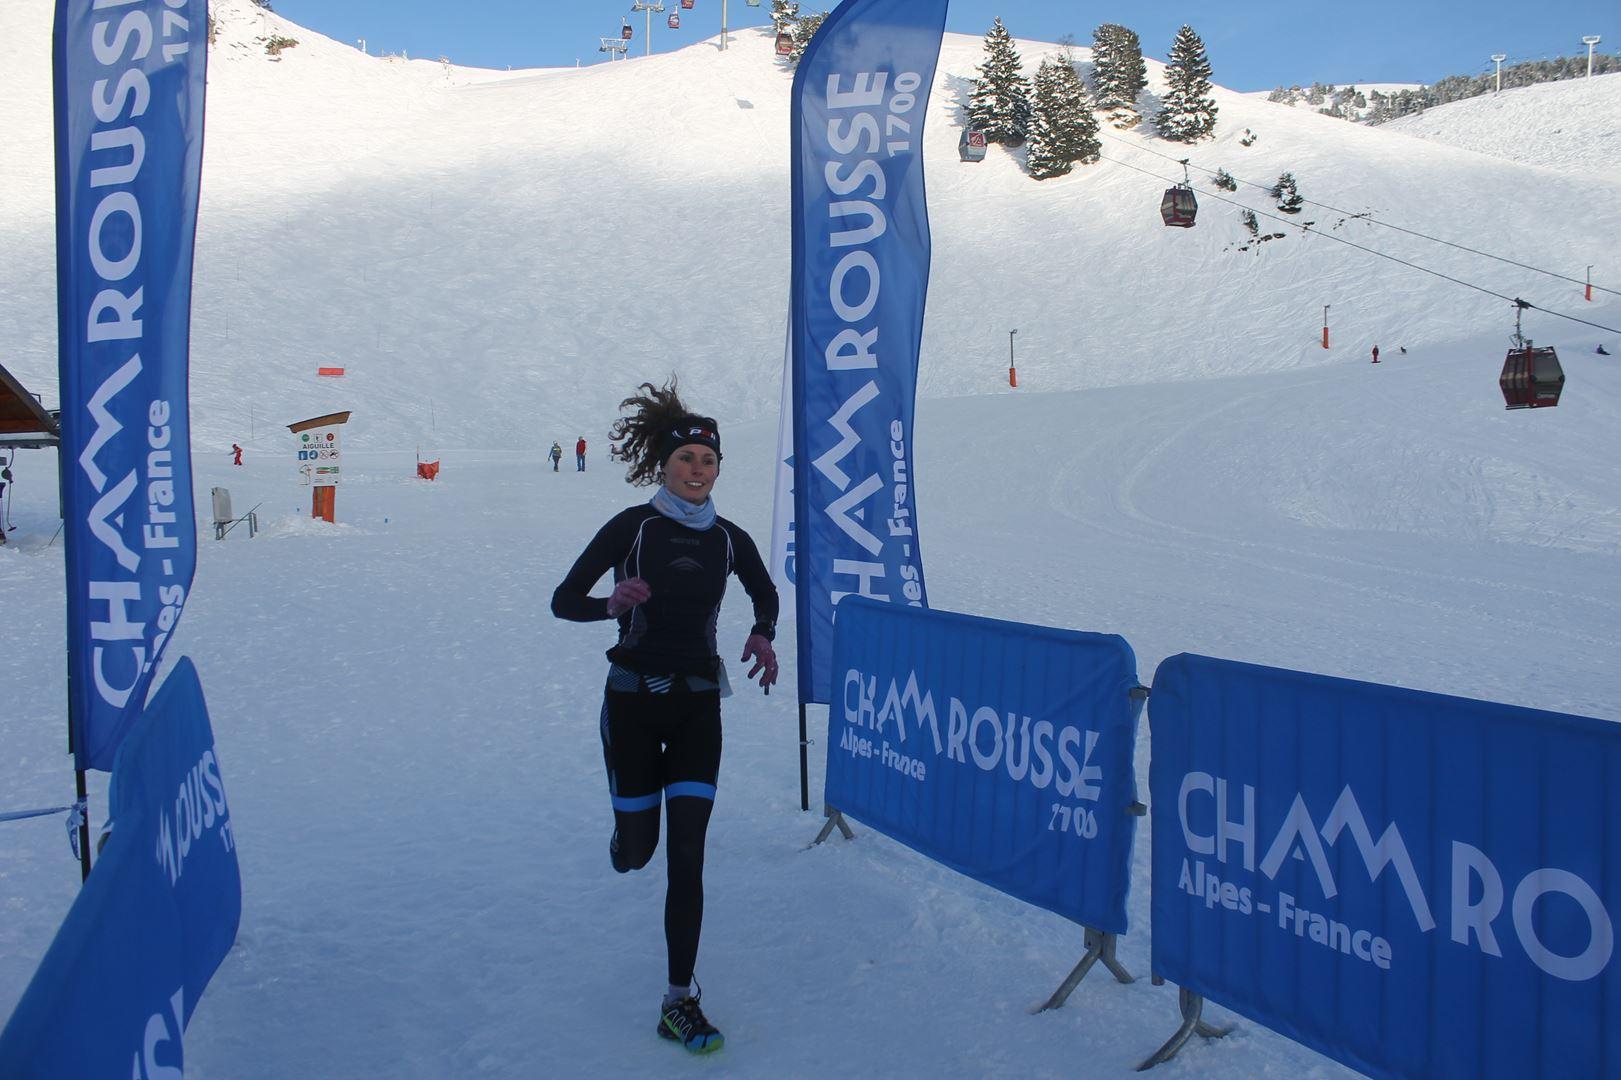 Céline Fauth à larrivée remporte le 8km - WITT: RESULTATS, PHOTOS ET COMPTE RENDU DU TRAIL BLANC DE CHAMROUSSE 01-04-2018